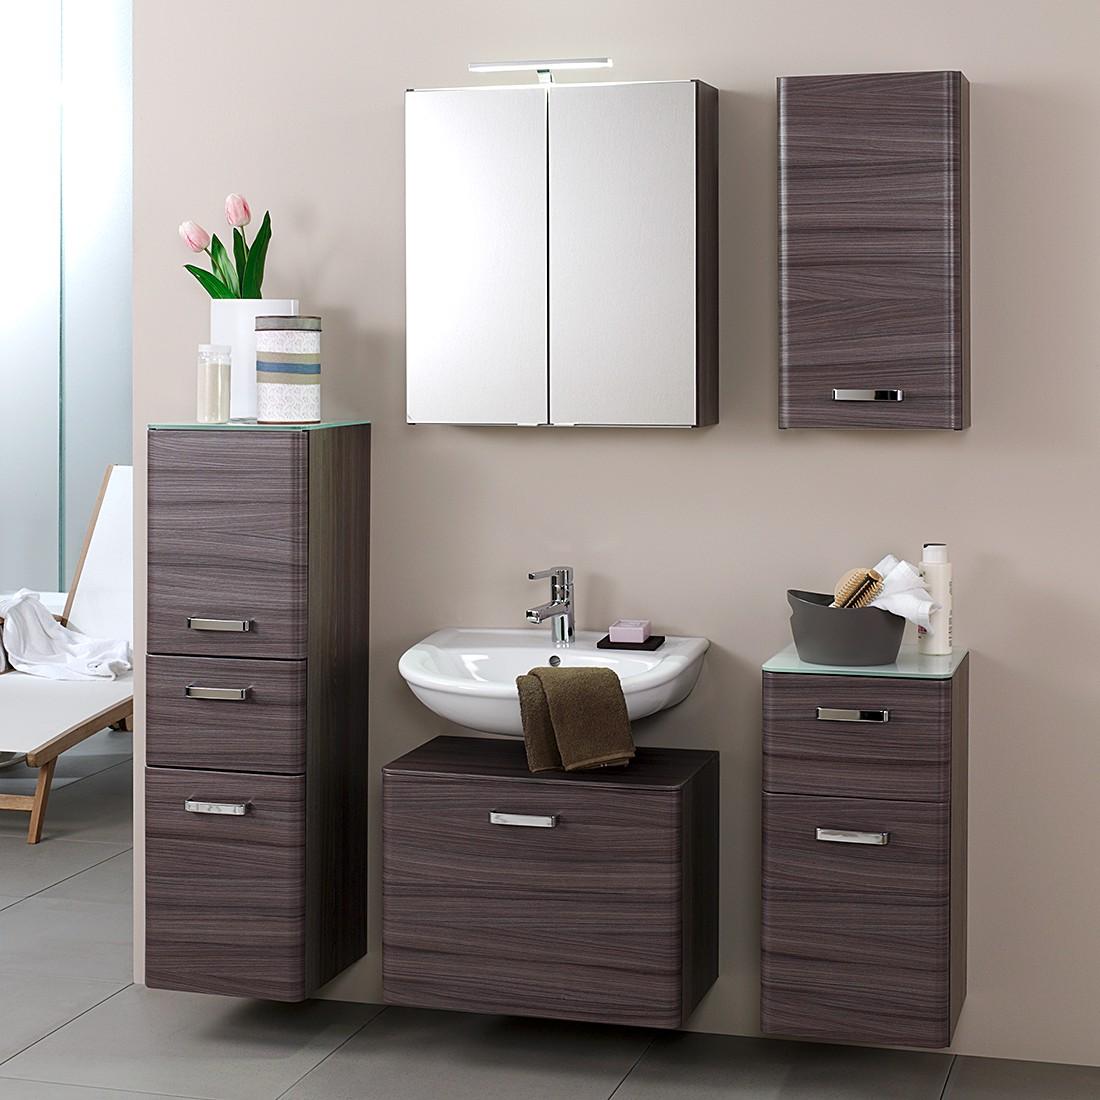 Jetzt bei Home24: Waschbeckenunterschrank von Giessbach | home24